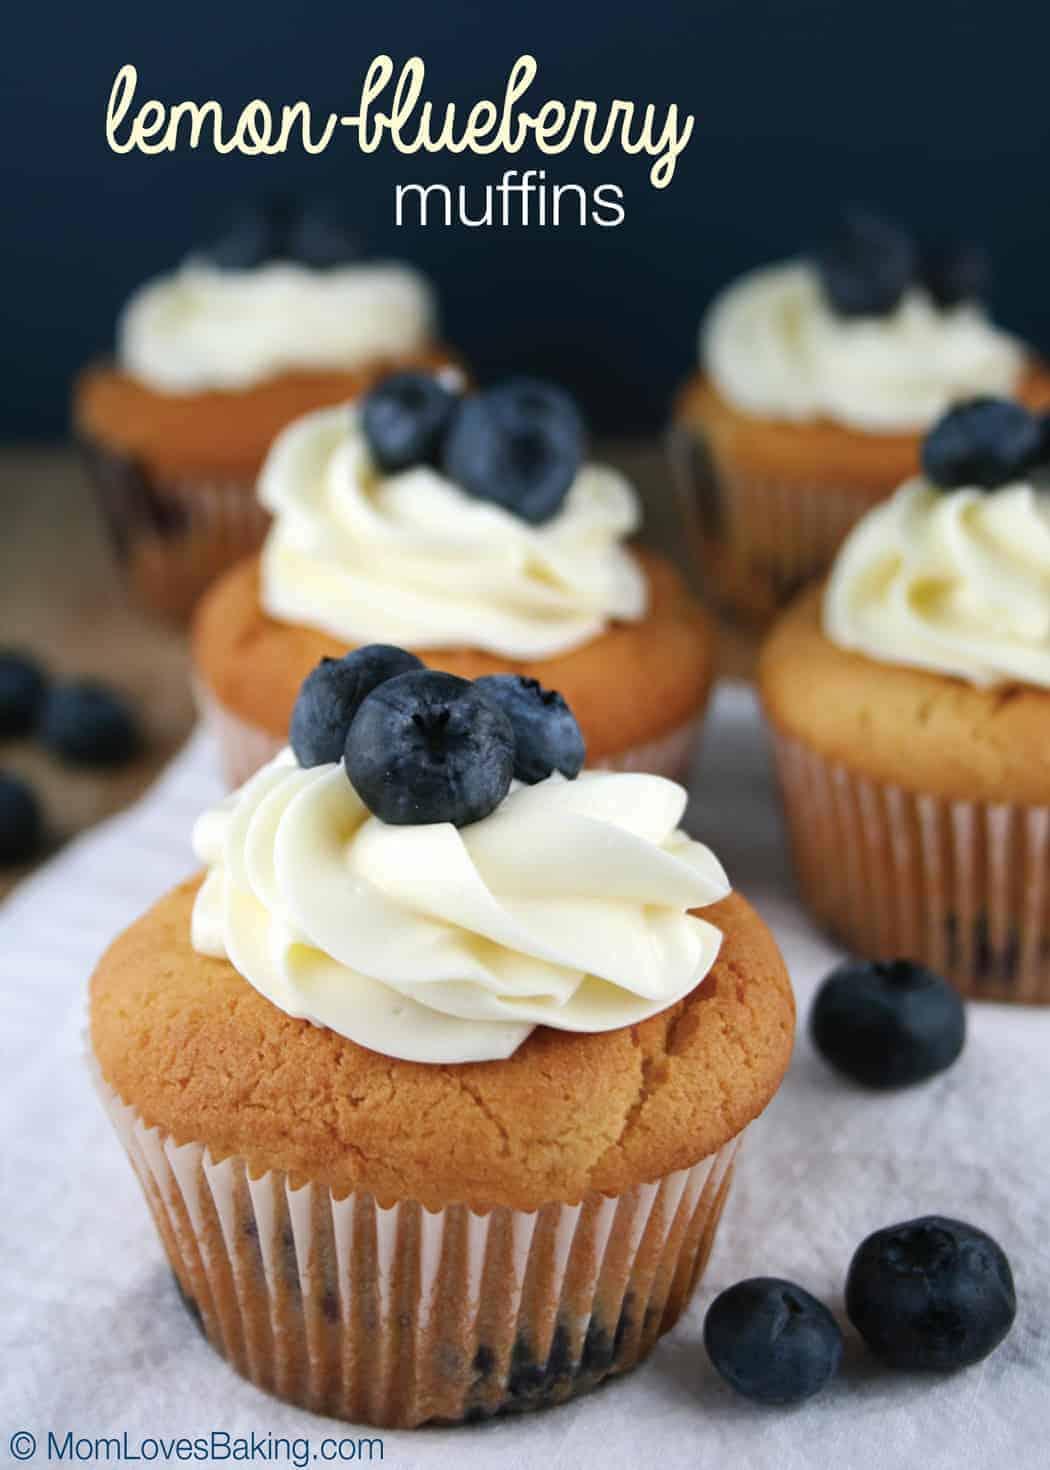 Lemon-Blueberry Muffins - Mom Loves Baking